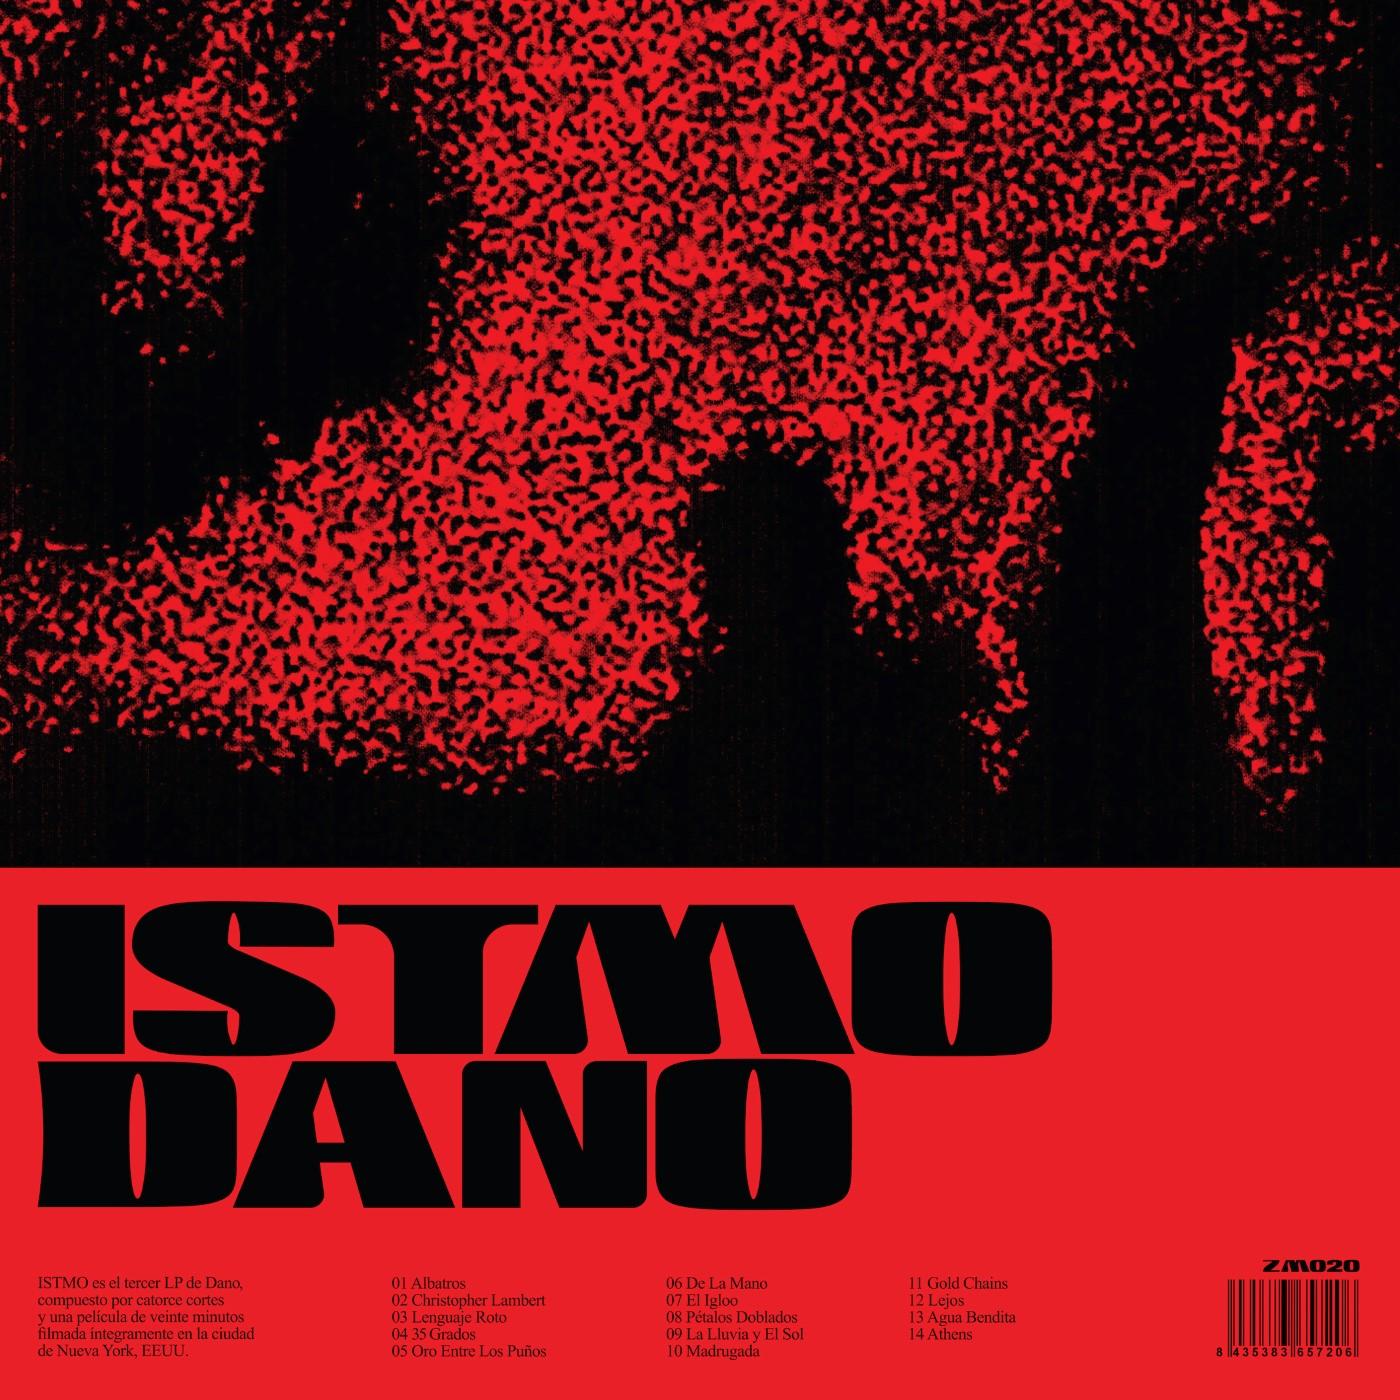 Dano - ISTMO (Ficha con tracklist)